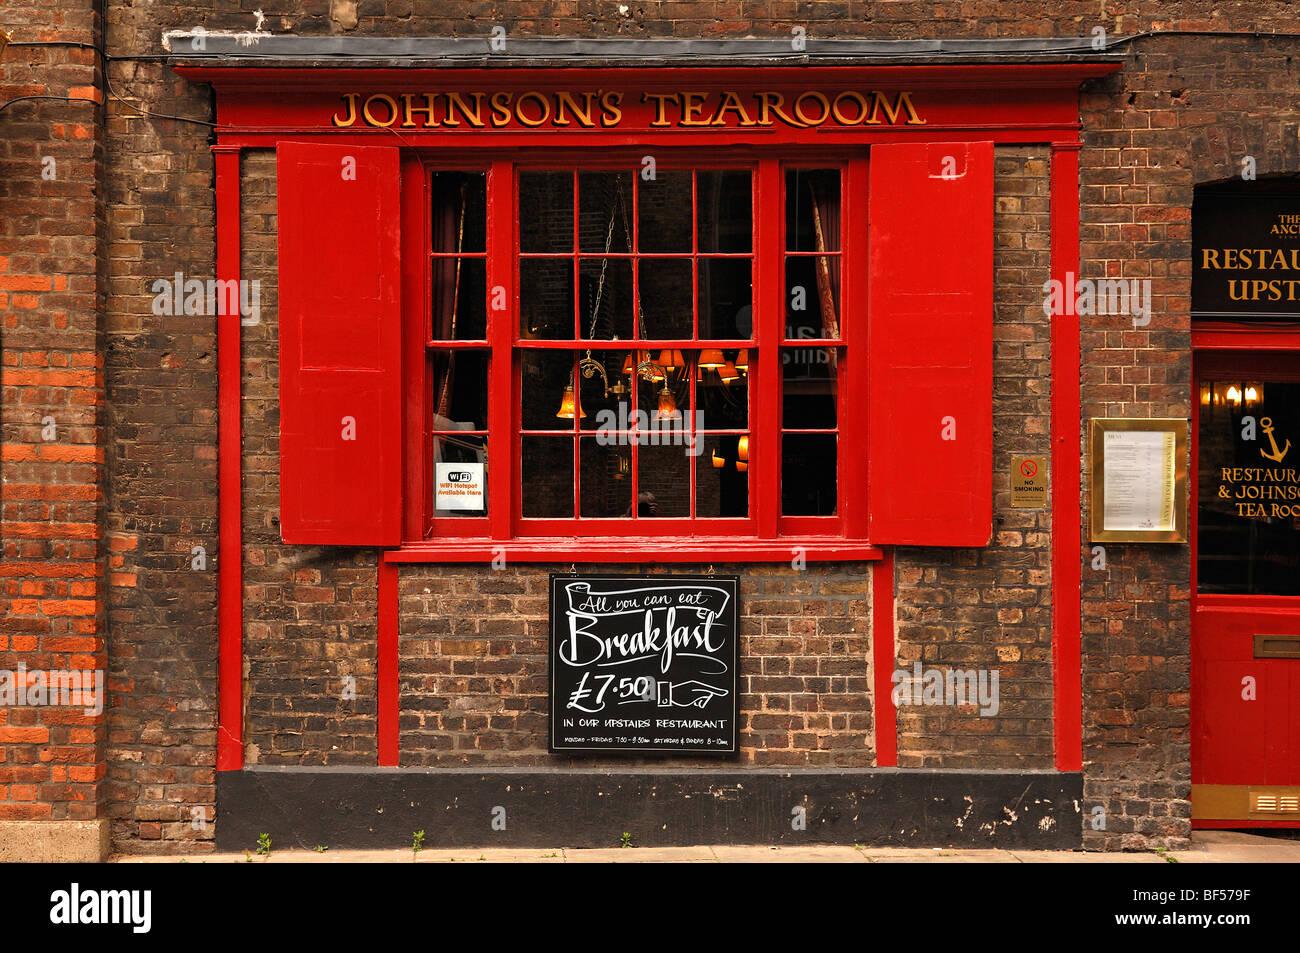 Window of Johnson's Tearoom, 34 Park Street, London, England, United Kingdom, Europe - Stock Image